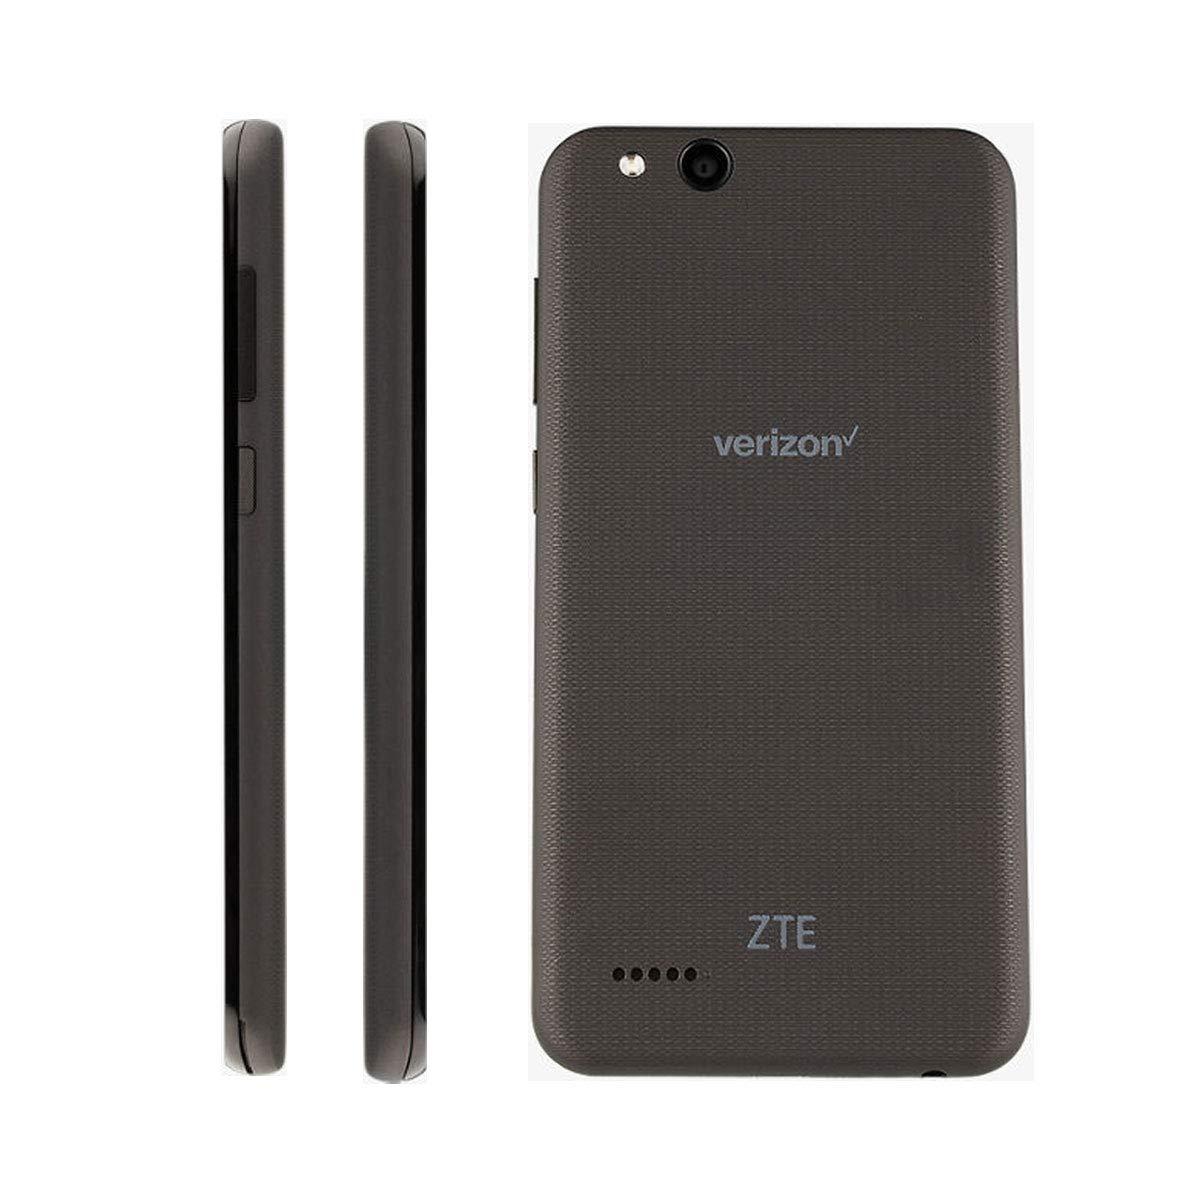 ZTE VZW-Z839PP Blade Vantage 5 16GB 1 1GHz 2GB Prepaid LTE Verizon  Smartphone, Black, Carrier Locked to Verizon Prepaid